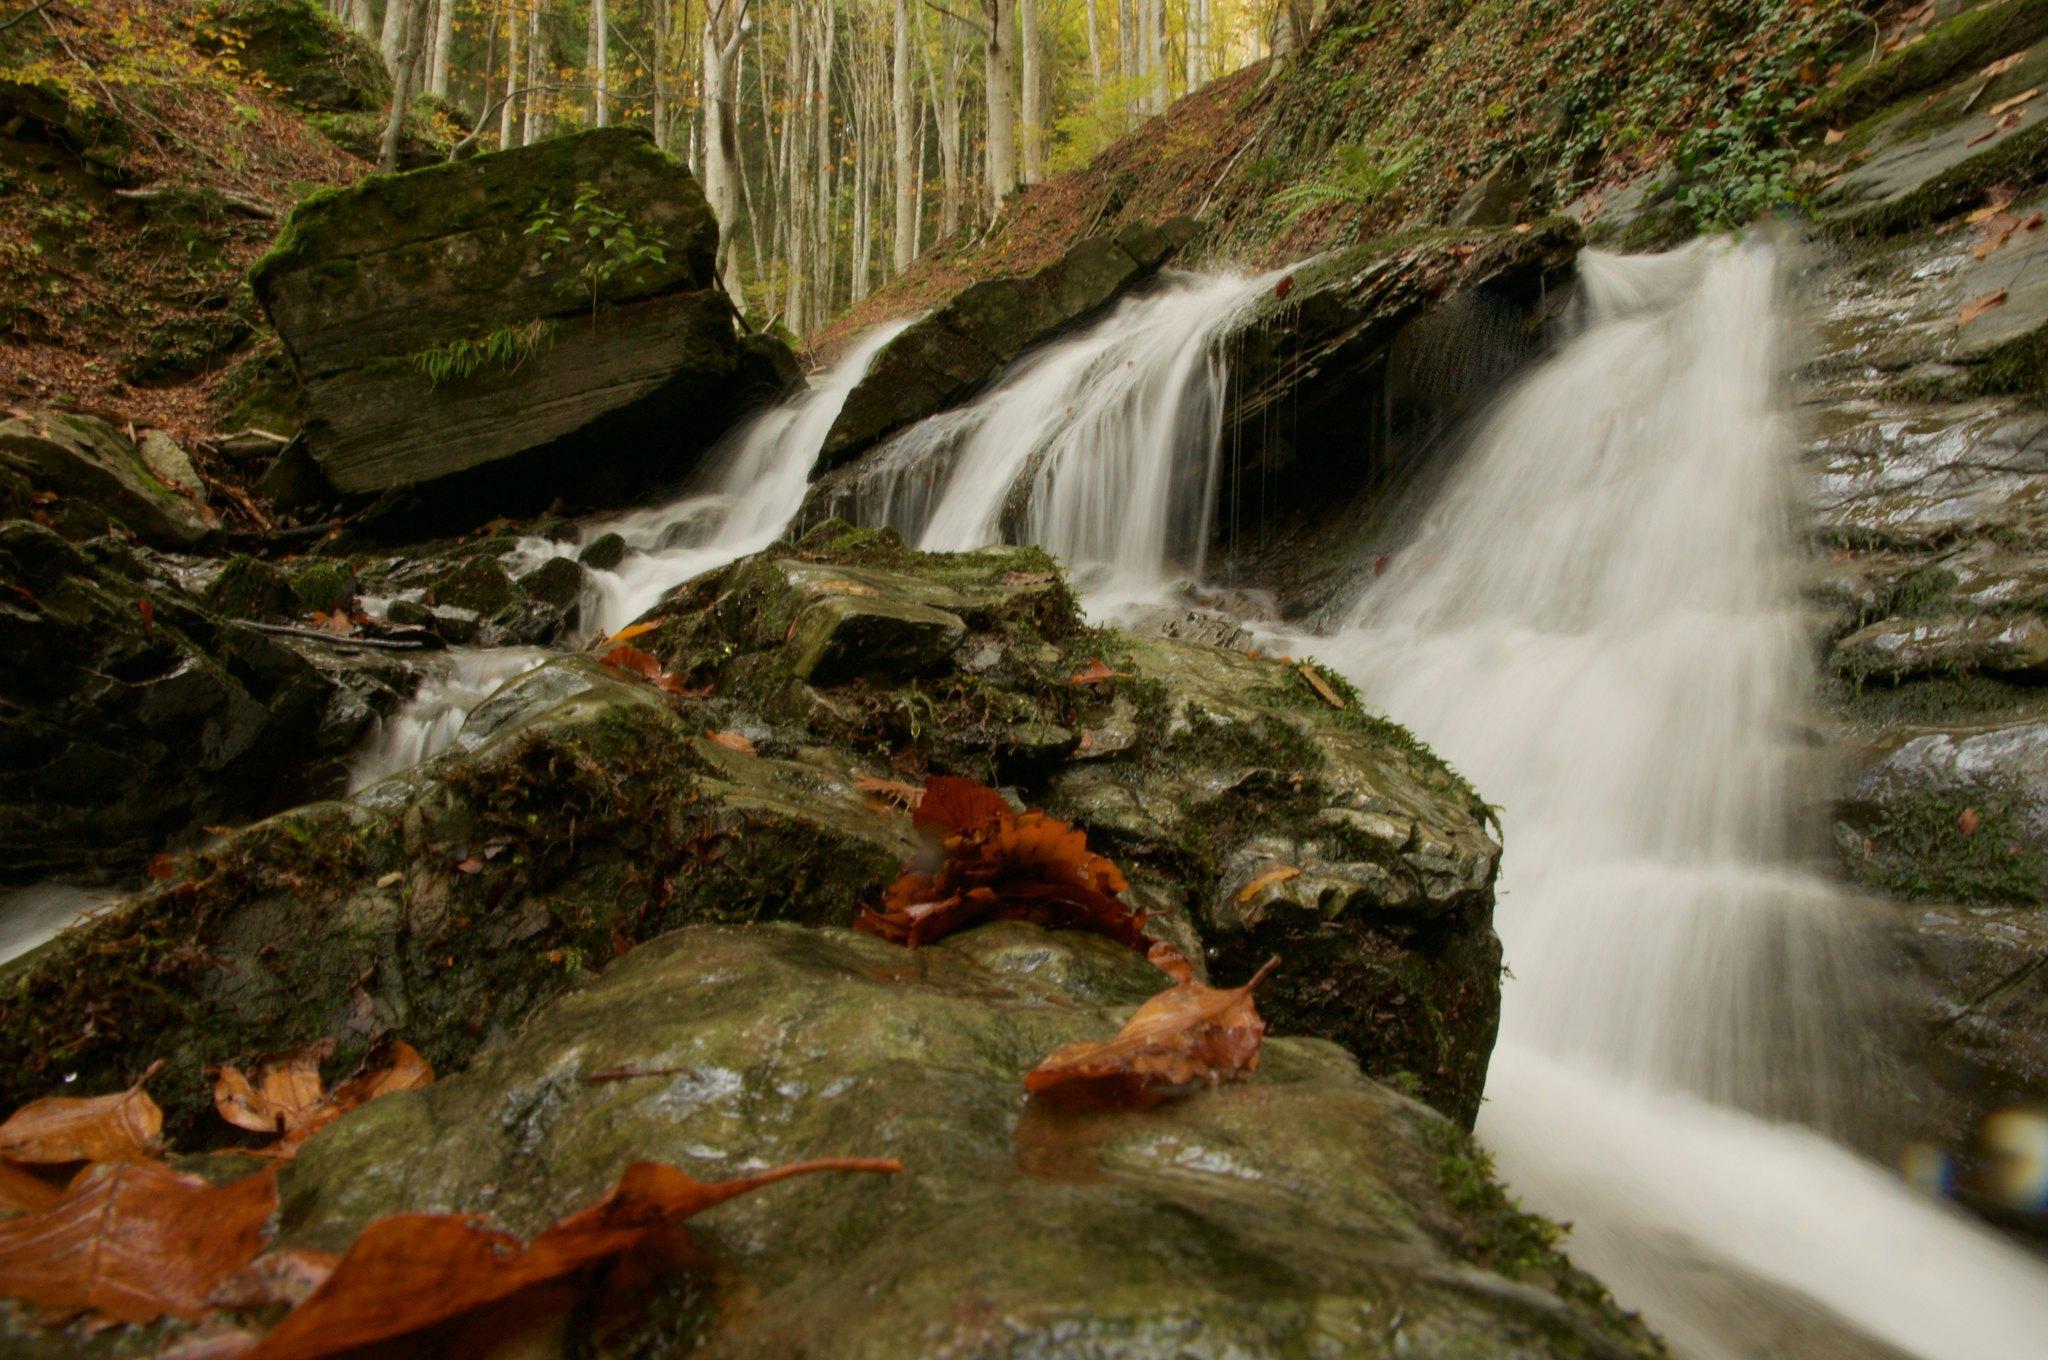 foreste casentinesi dove si trovano